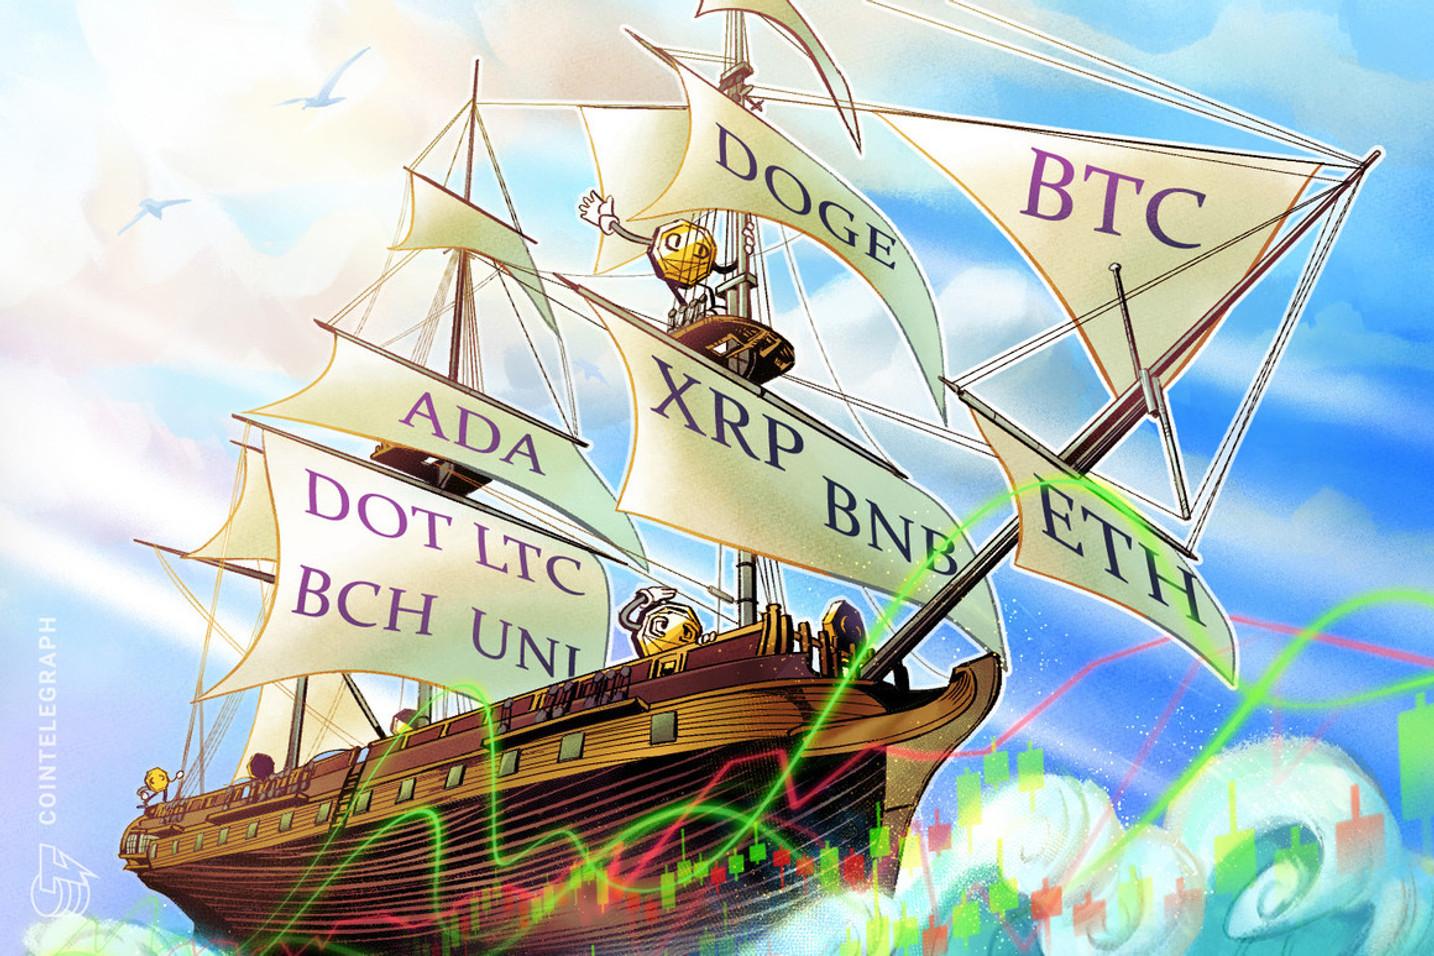 TOP 10 fiyat analizi: BTC, ETH, BNB, XRP, DOGE, ADA, DOT, LTC, BCH, UNI